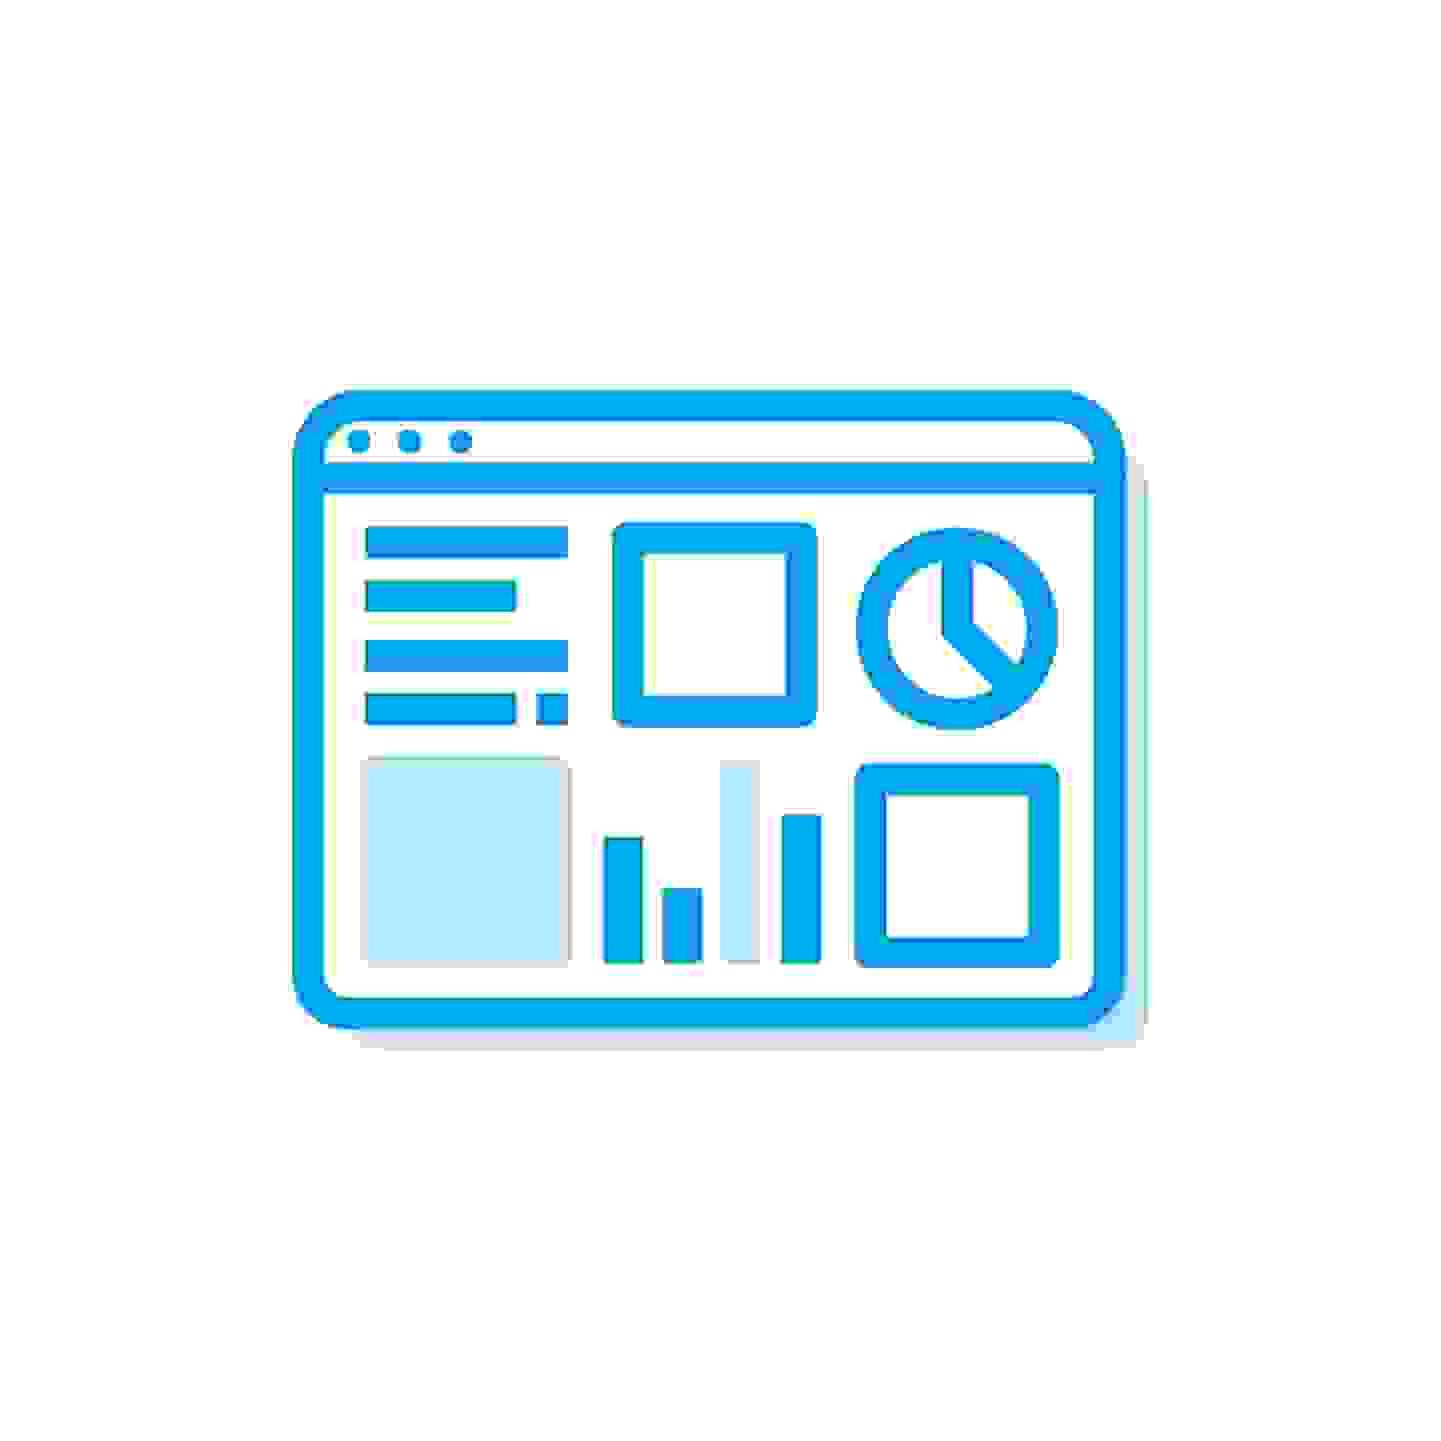 Conrad Connect - IoT Datenvisualisierung leicht gemacht